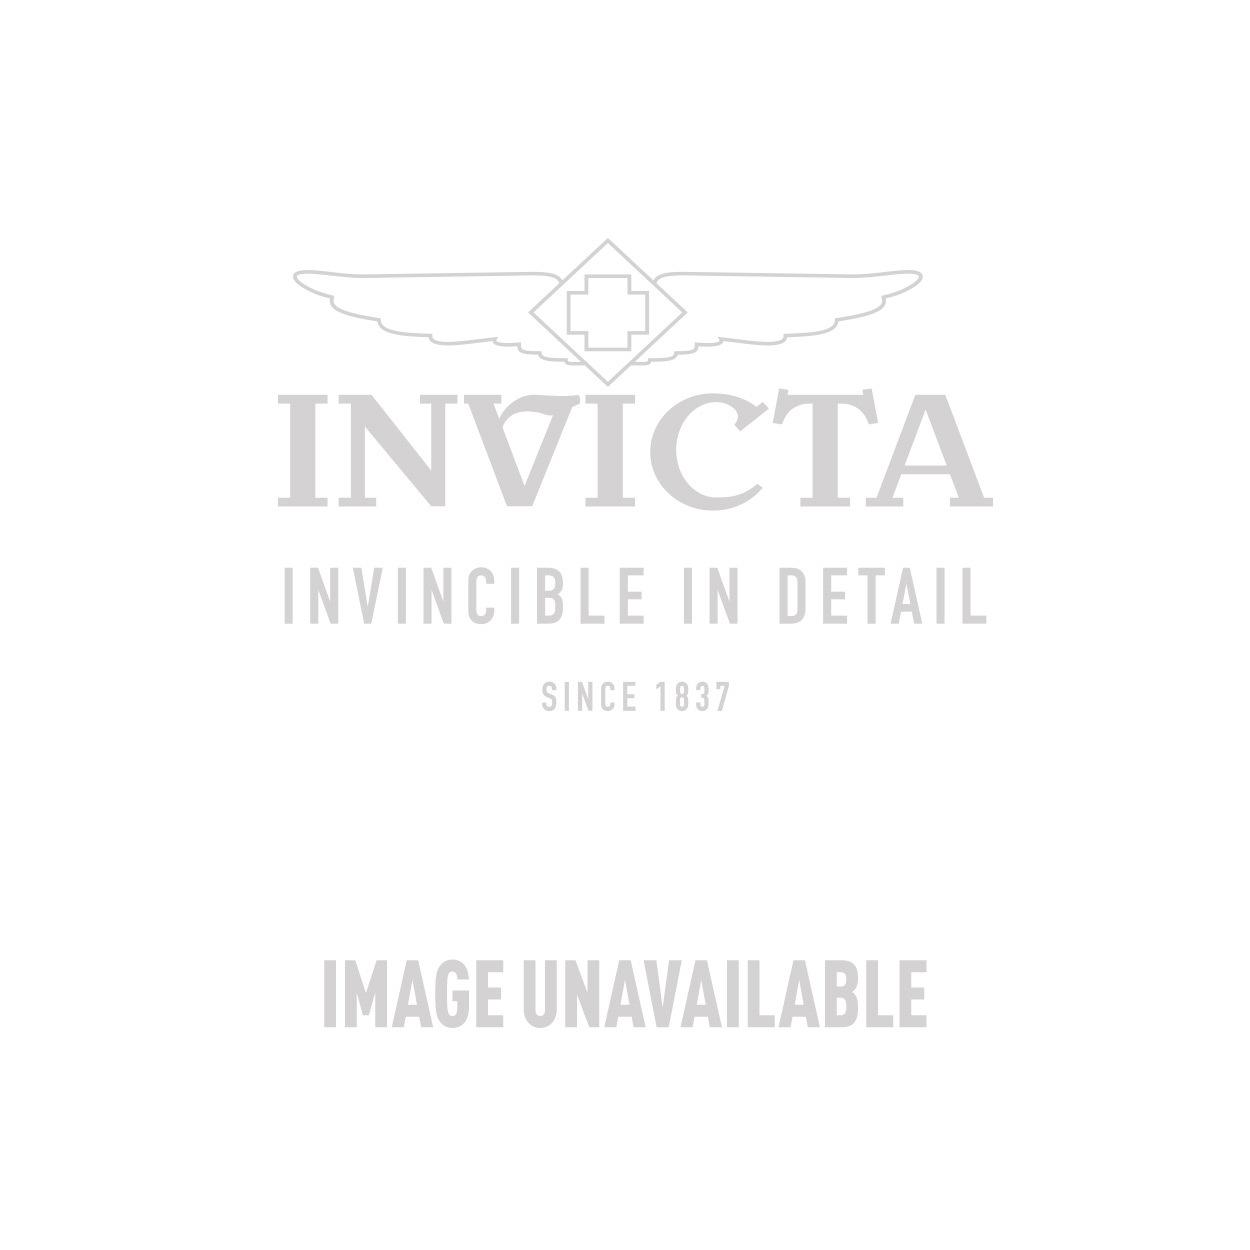 Invicta Model 27236